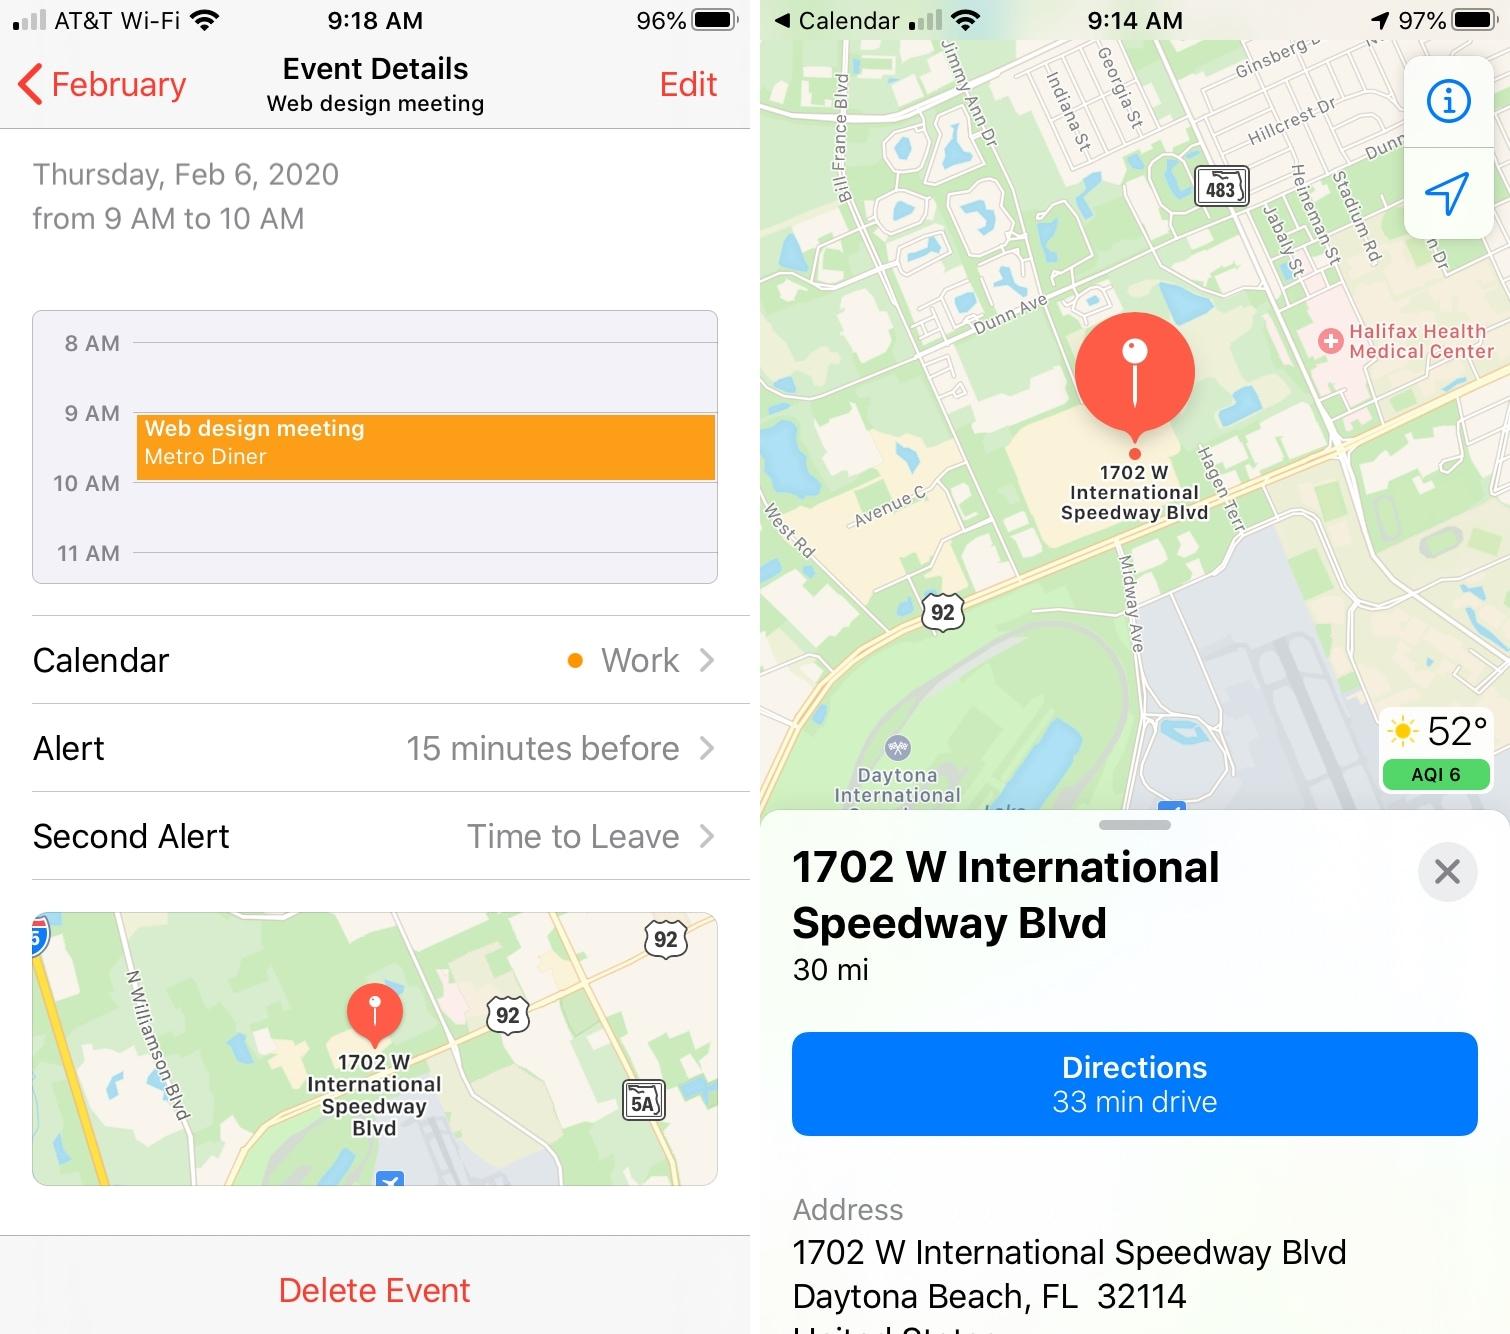 Calendario de iPhone con lugar en el mapa